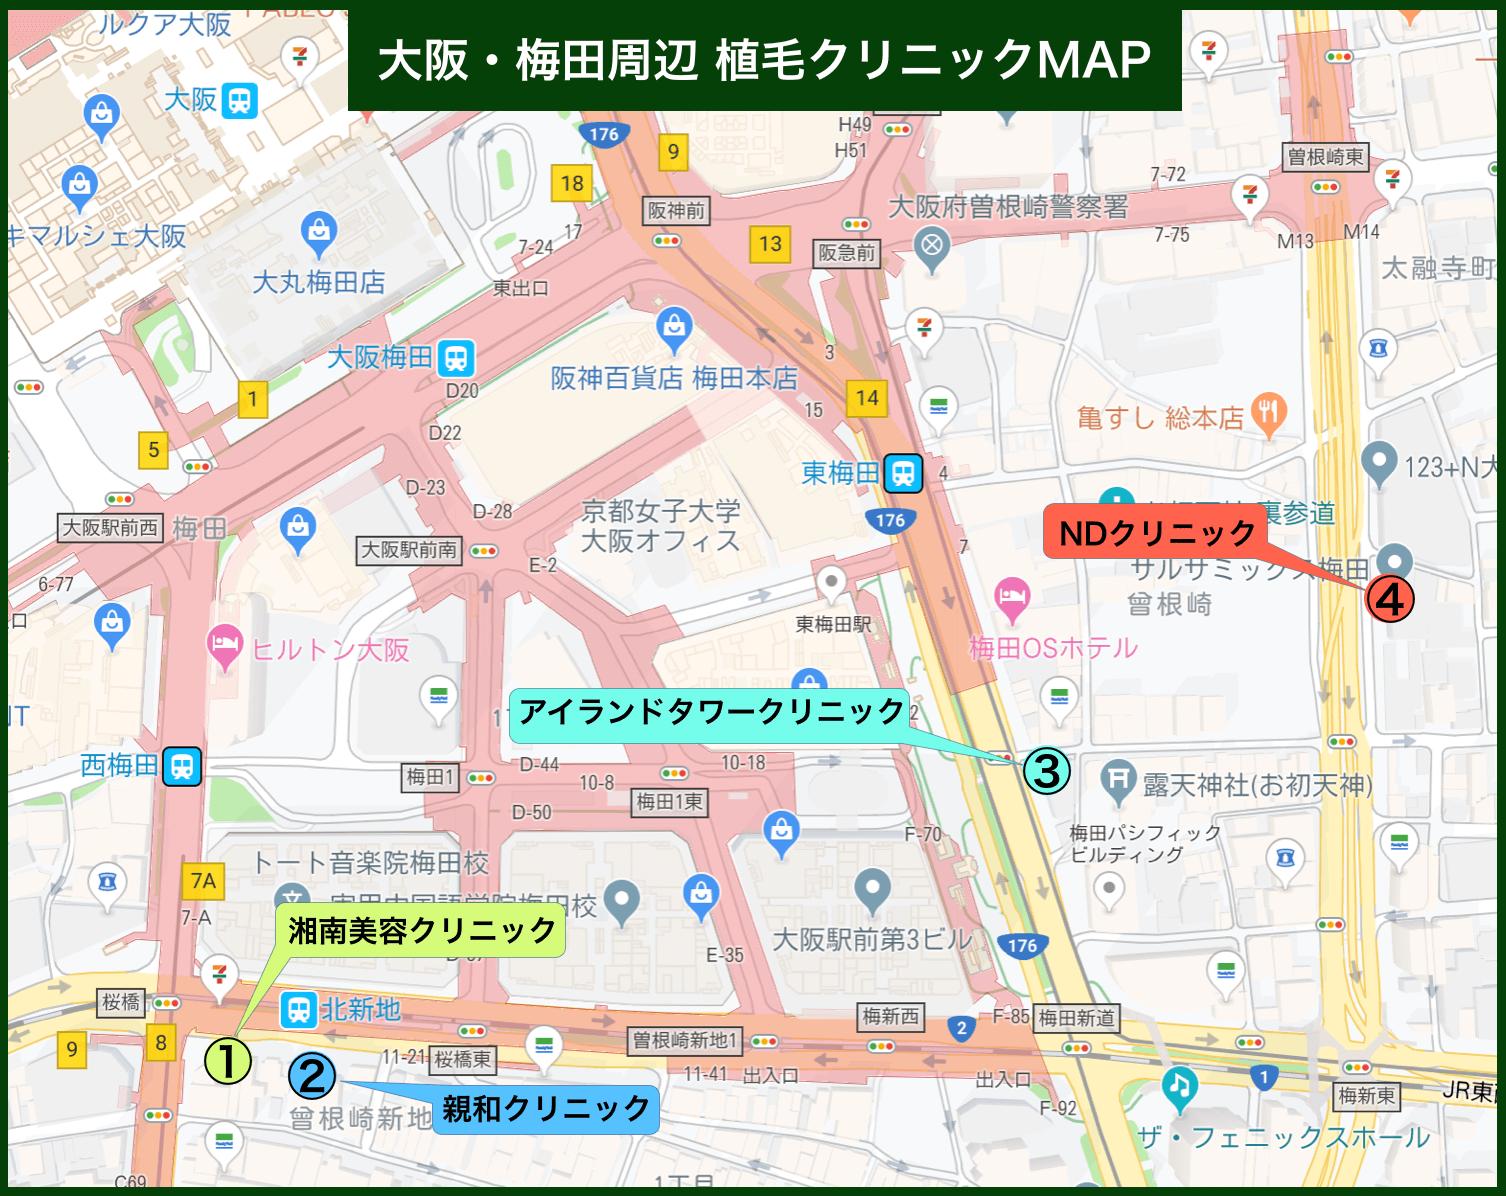 大阪・梅田周辺 植毛クリニックMAP(2020年版)